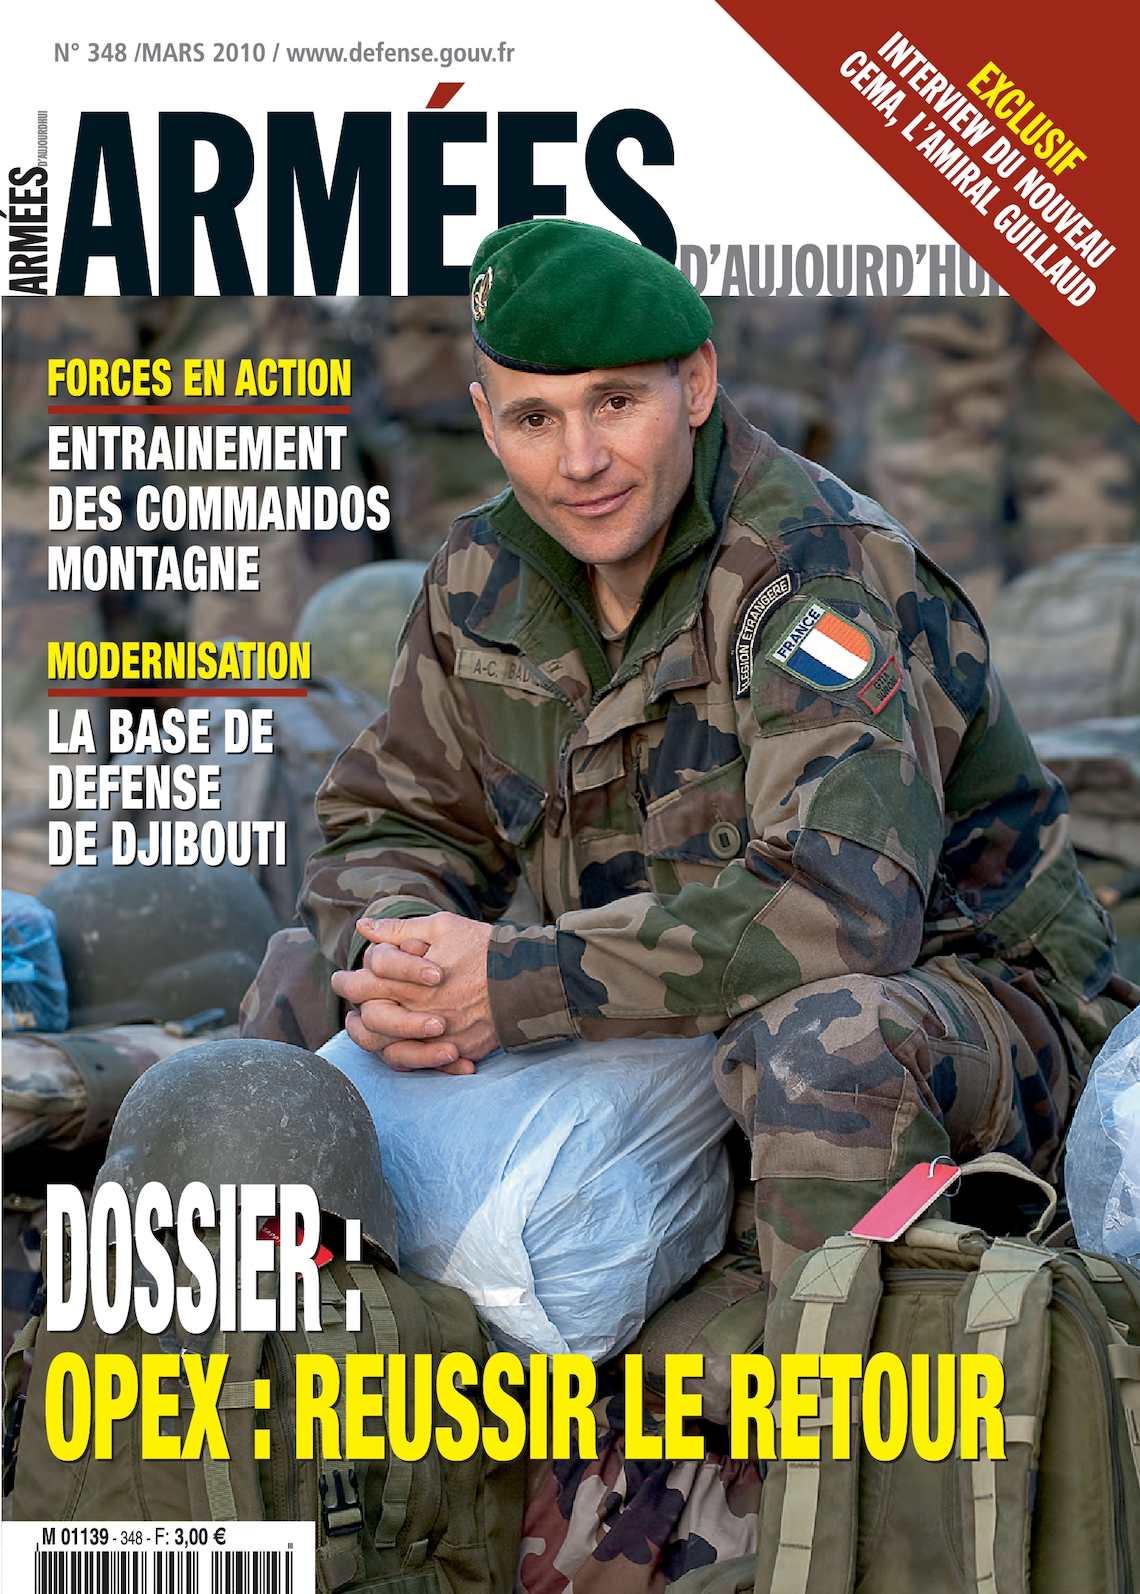 Armées d'Aujourd'hui n° 348 mars 2010